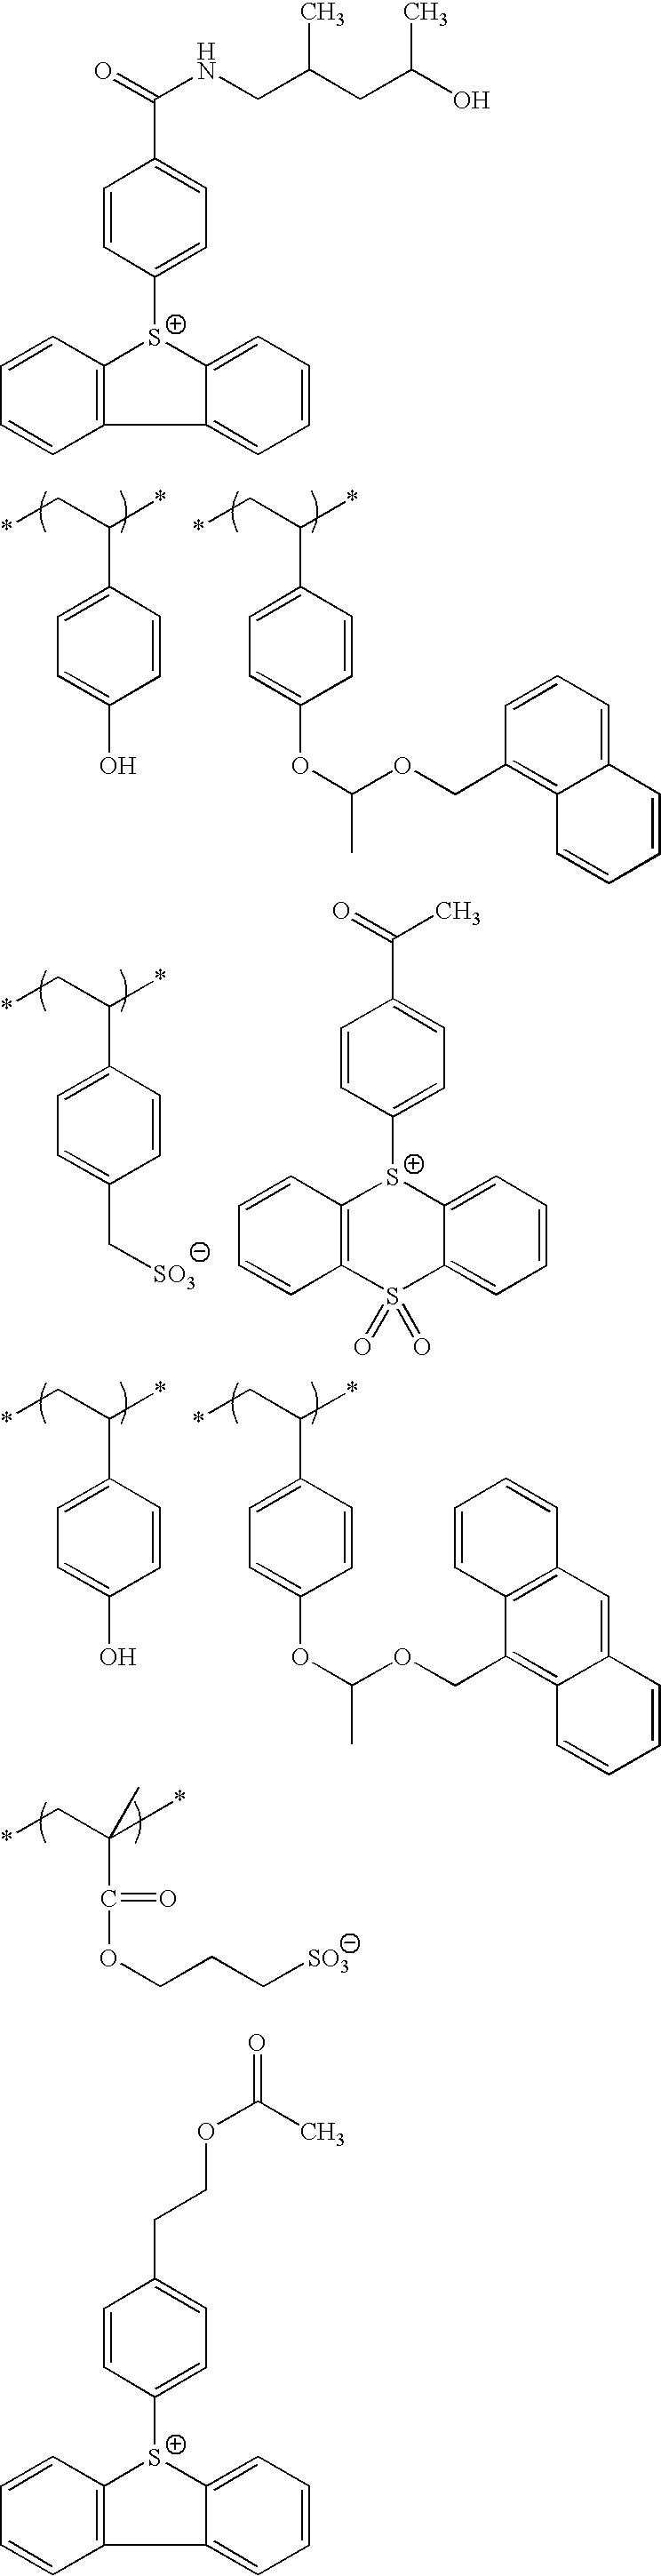 Figure US08852845-20141007-C00160